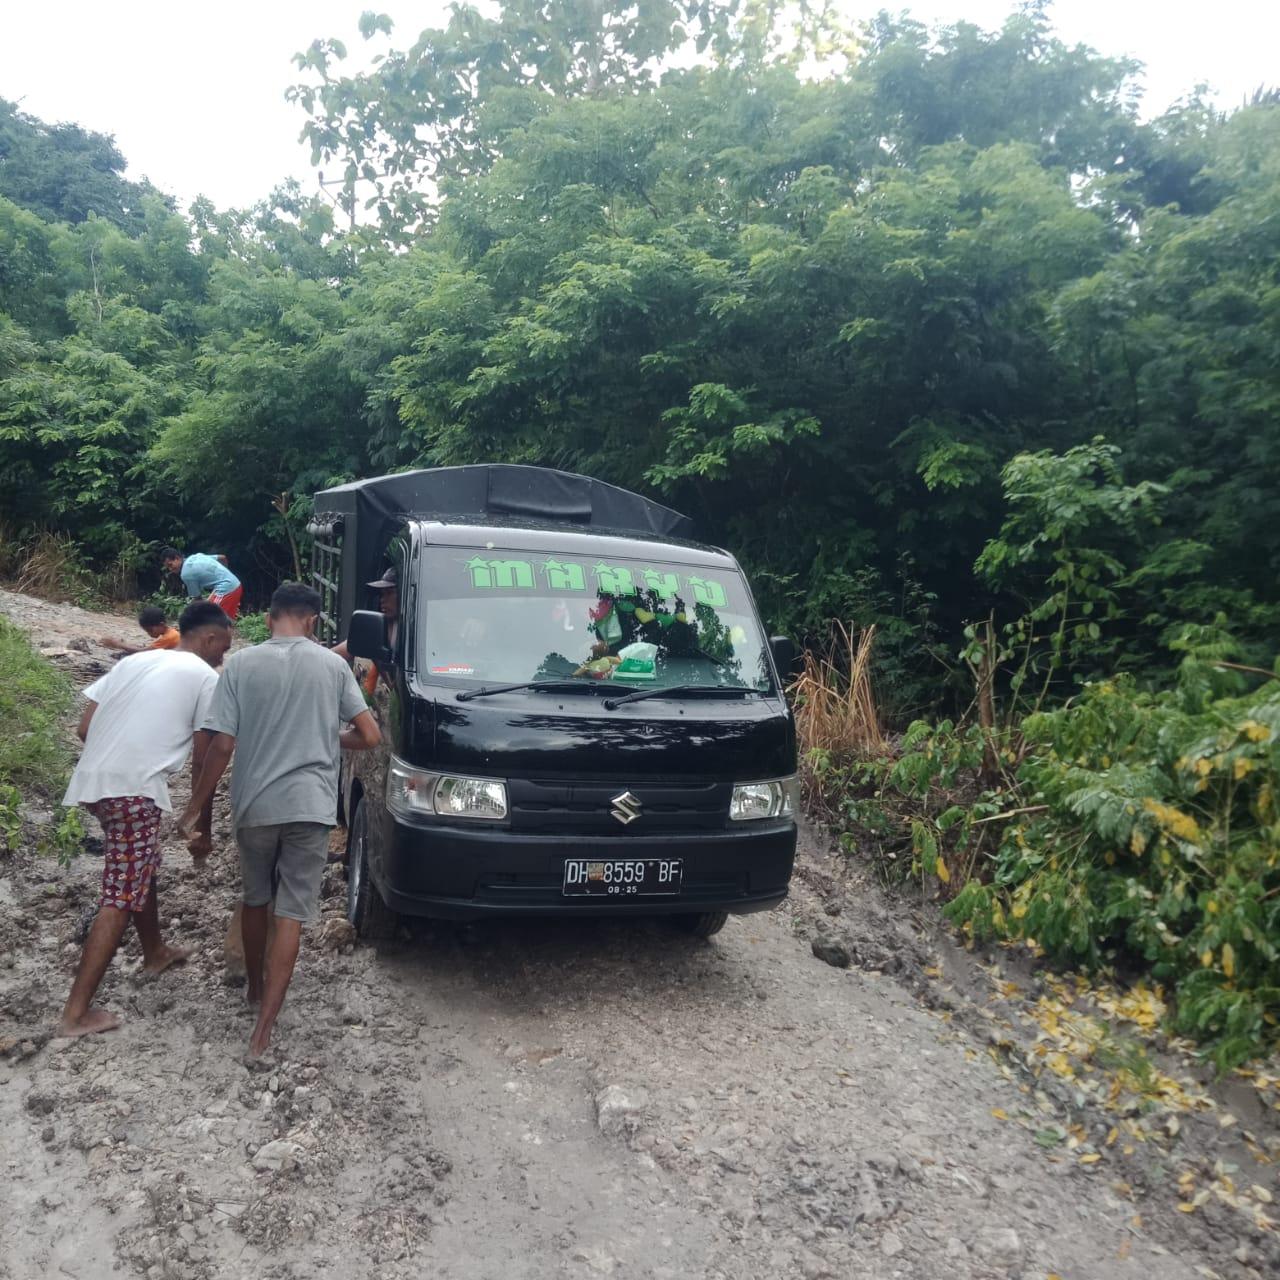 Photo of Masyarakat Gotong Royong Perbaiki Jalan Yang Rusak di Kali Kame'on